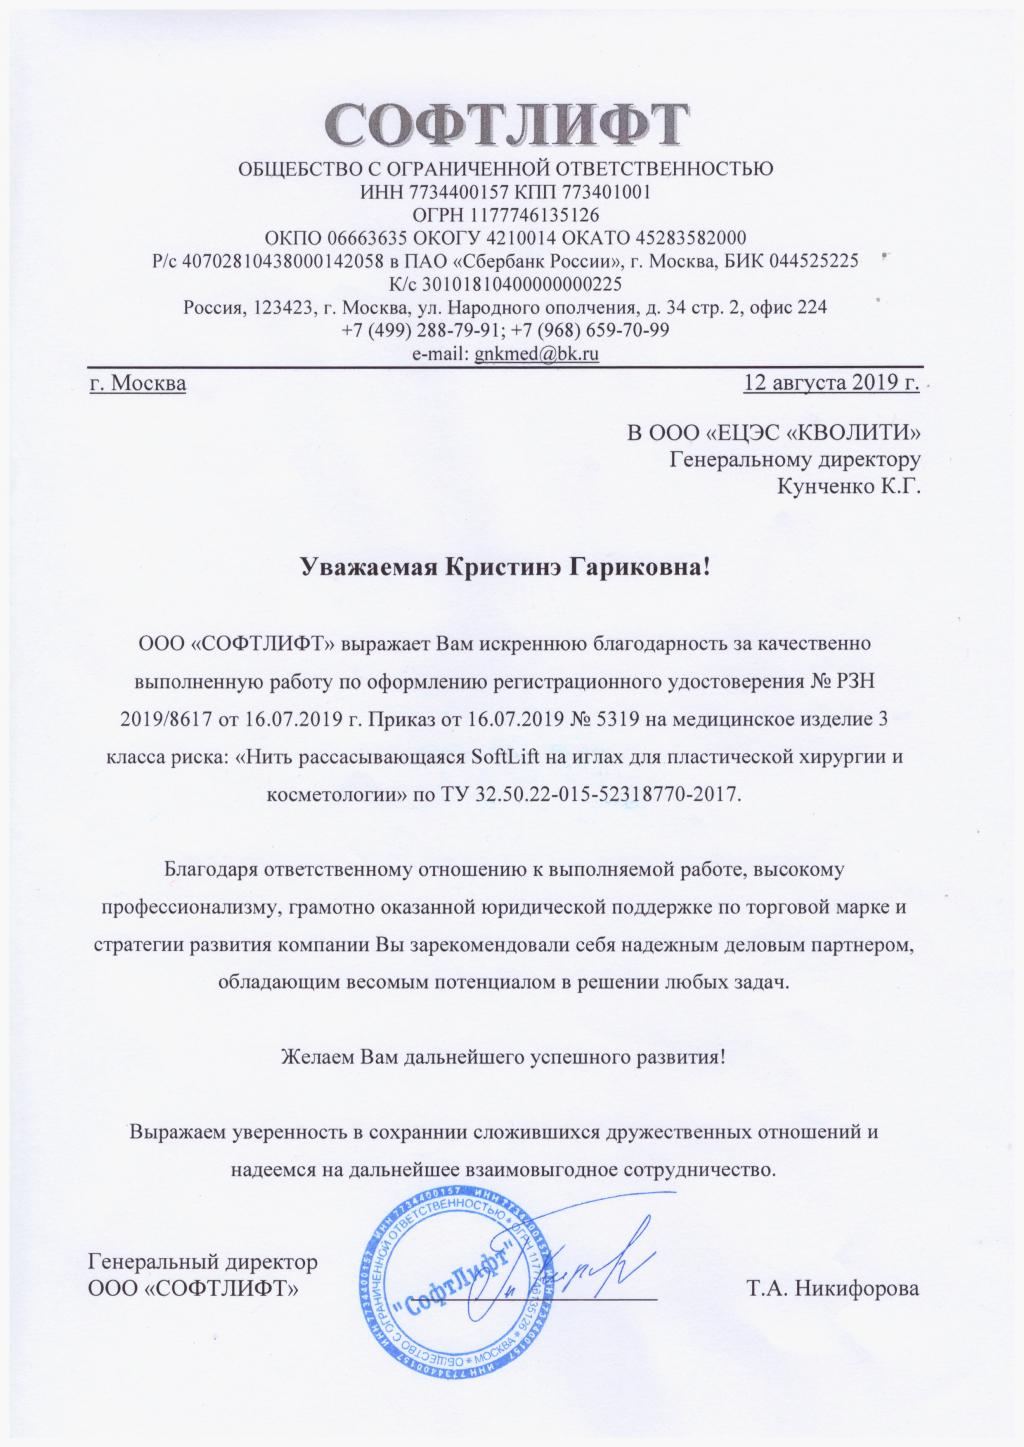 ЕЦЭС КВОЛИТИ - Отзыв компании ООО \СОФТЛИФТ\